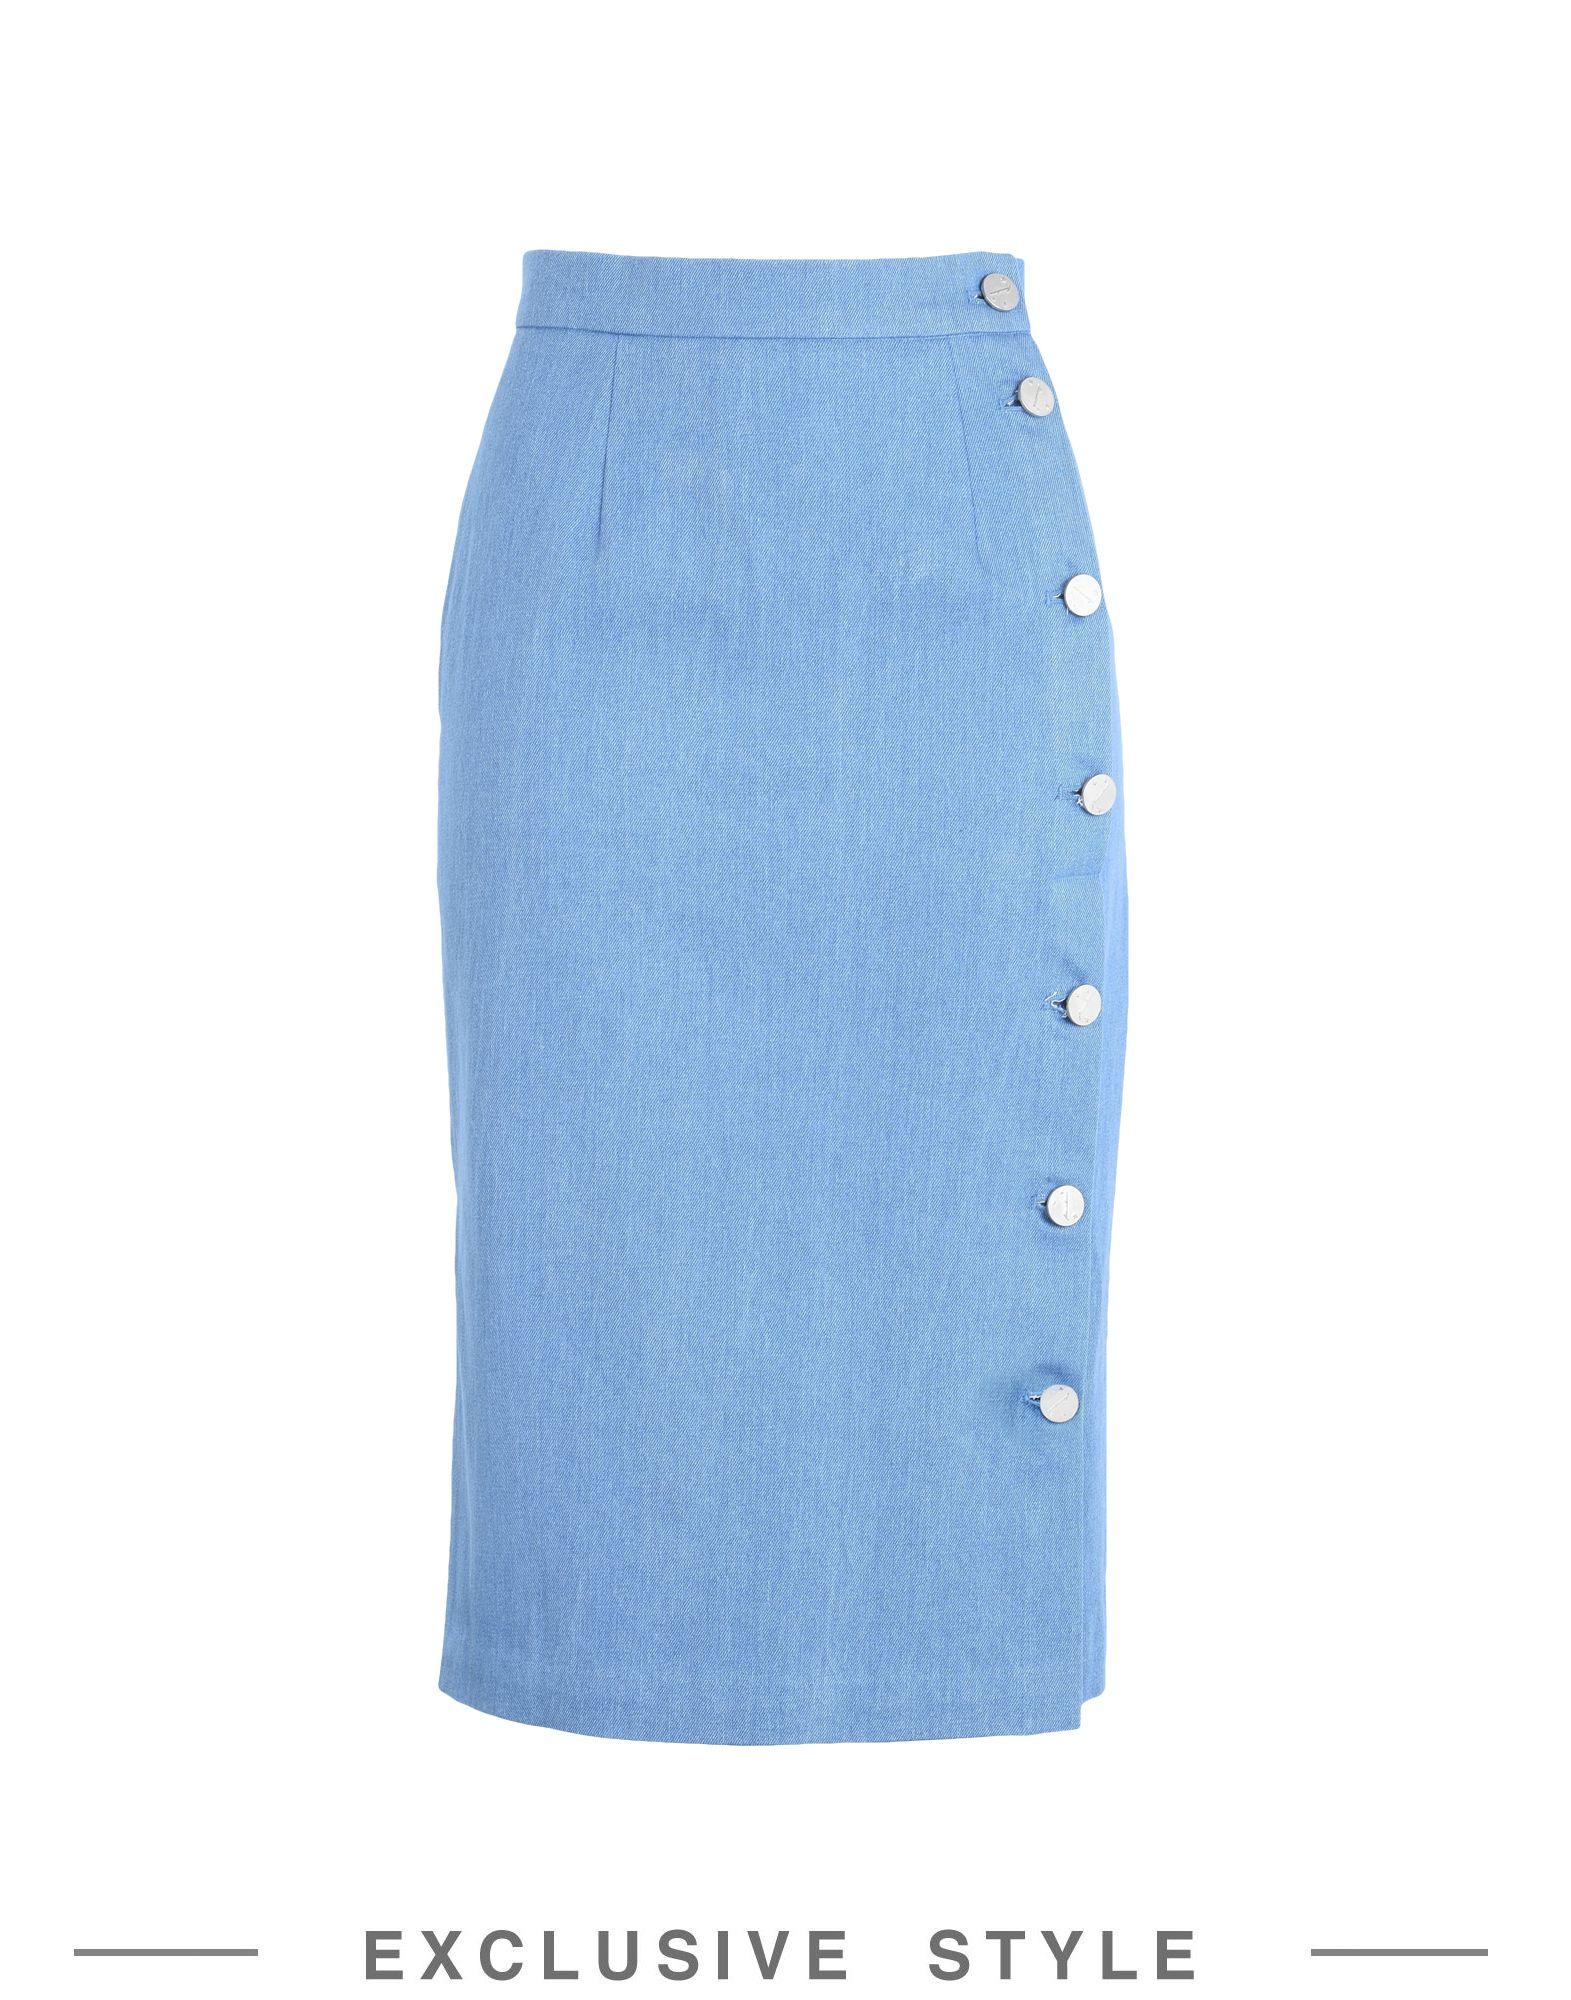 《送料無料》FLEAMADONNA x YOOX レディース デニムスカート ブルー S コットン 100%